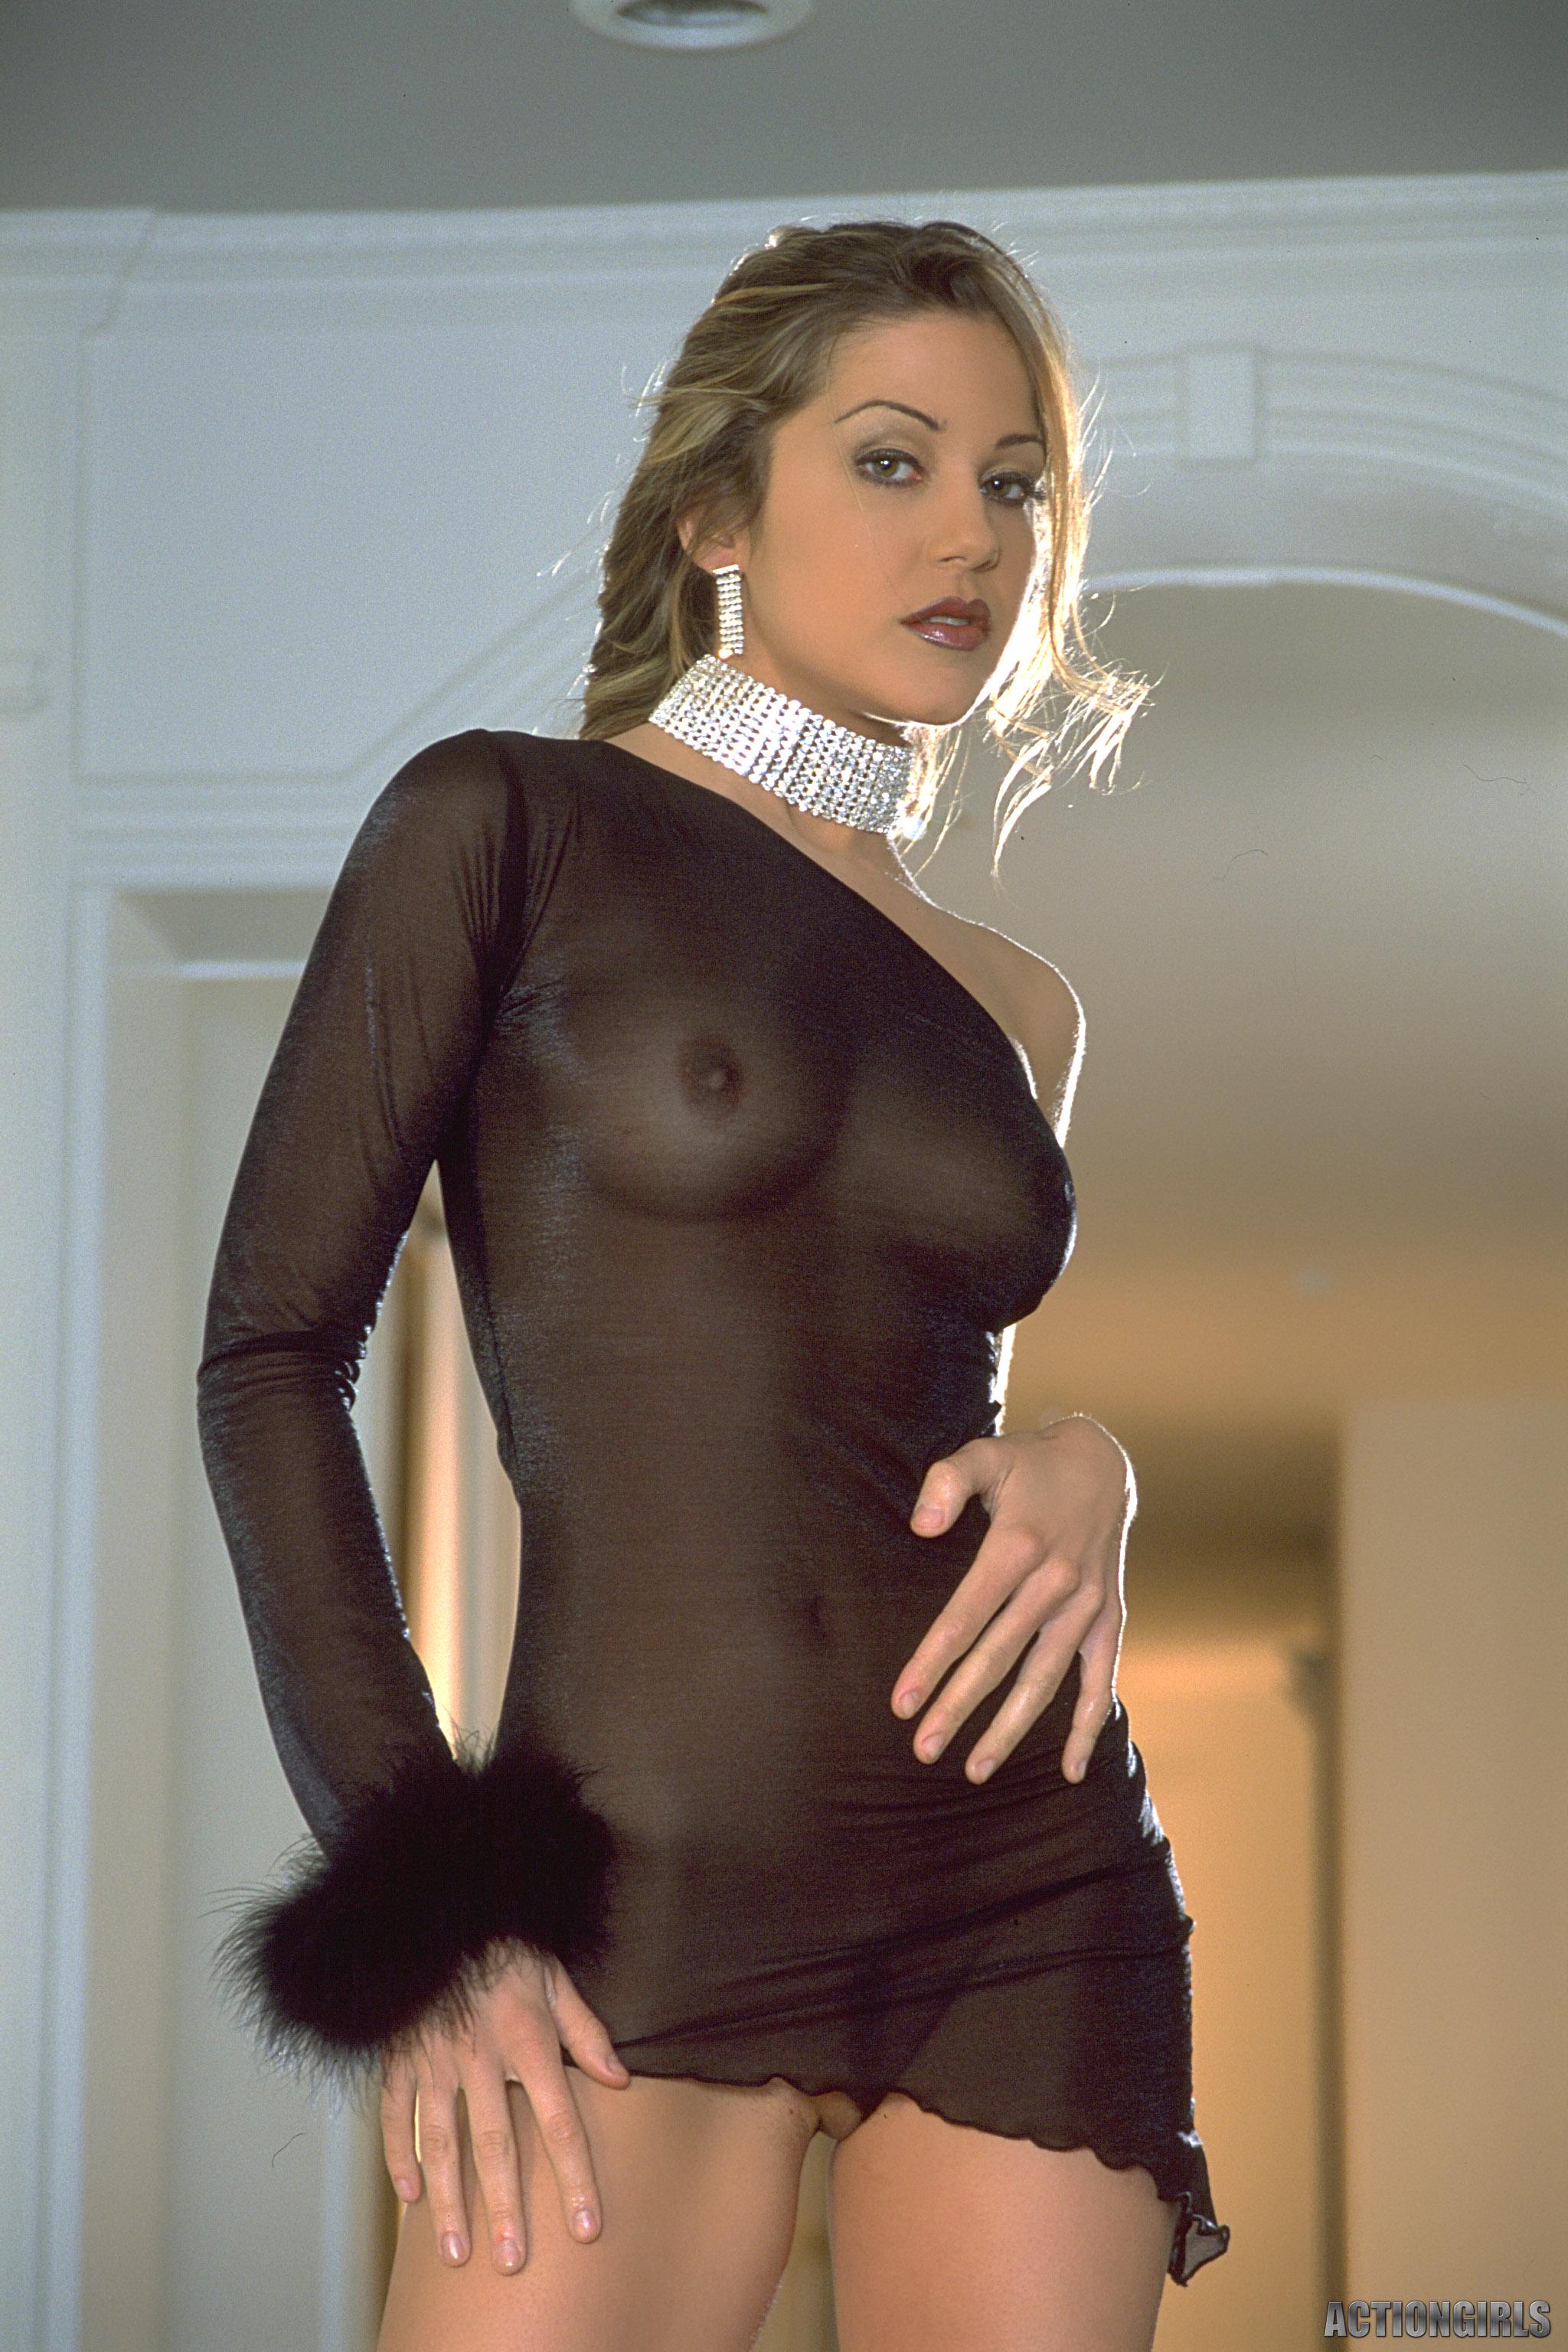 эротические фото девушек в облегающей одежде говорит